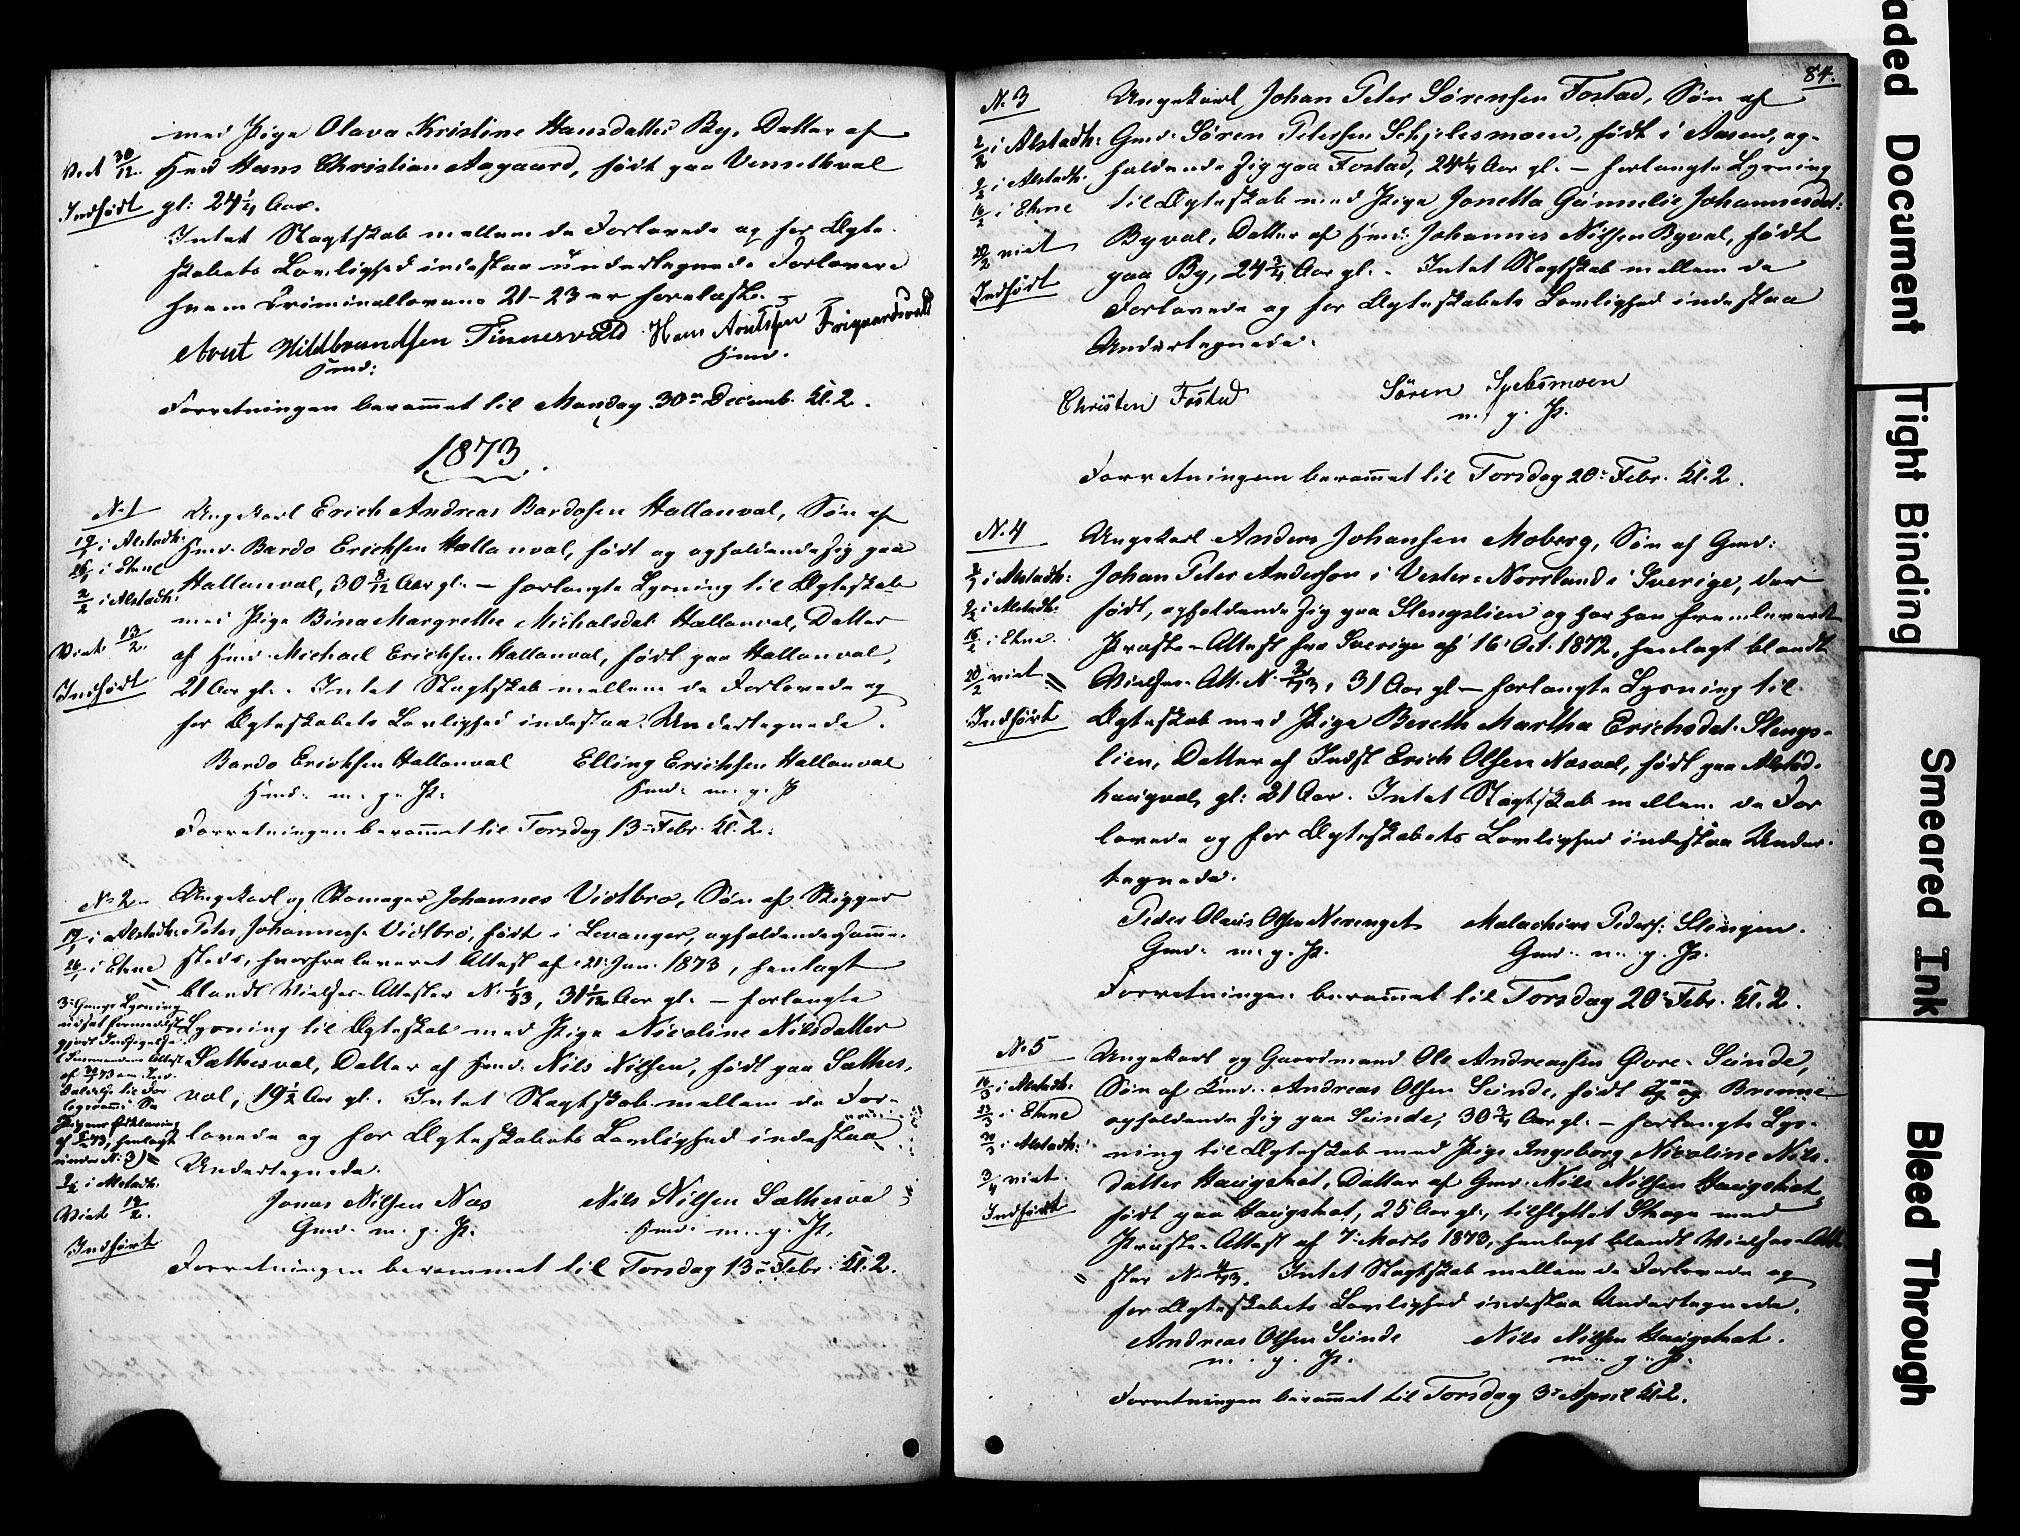 SAT, Ministerialprotokoller, klokkerbøker og fødselsregistre - Nord-Trøndelag, 717/L0161: Forlovererklæringer nr. 717A11, 1850-1895, s. 84